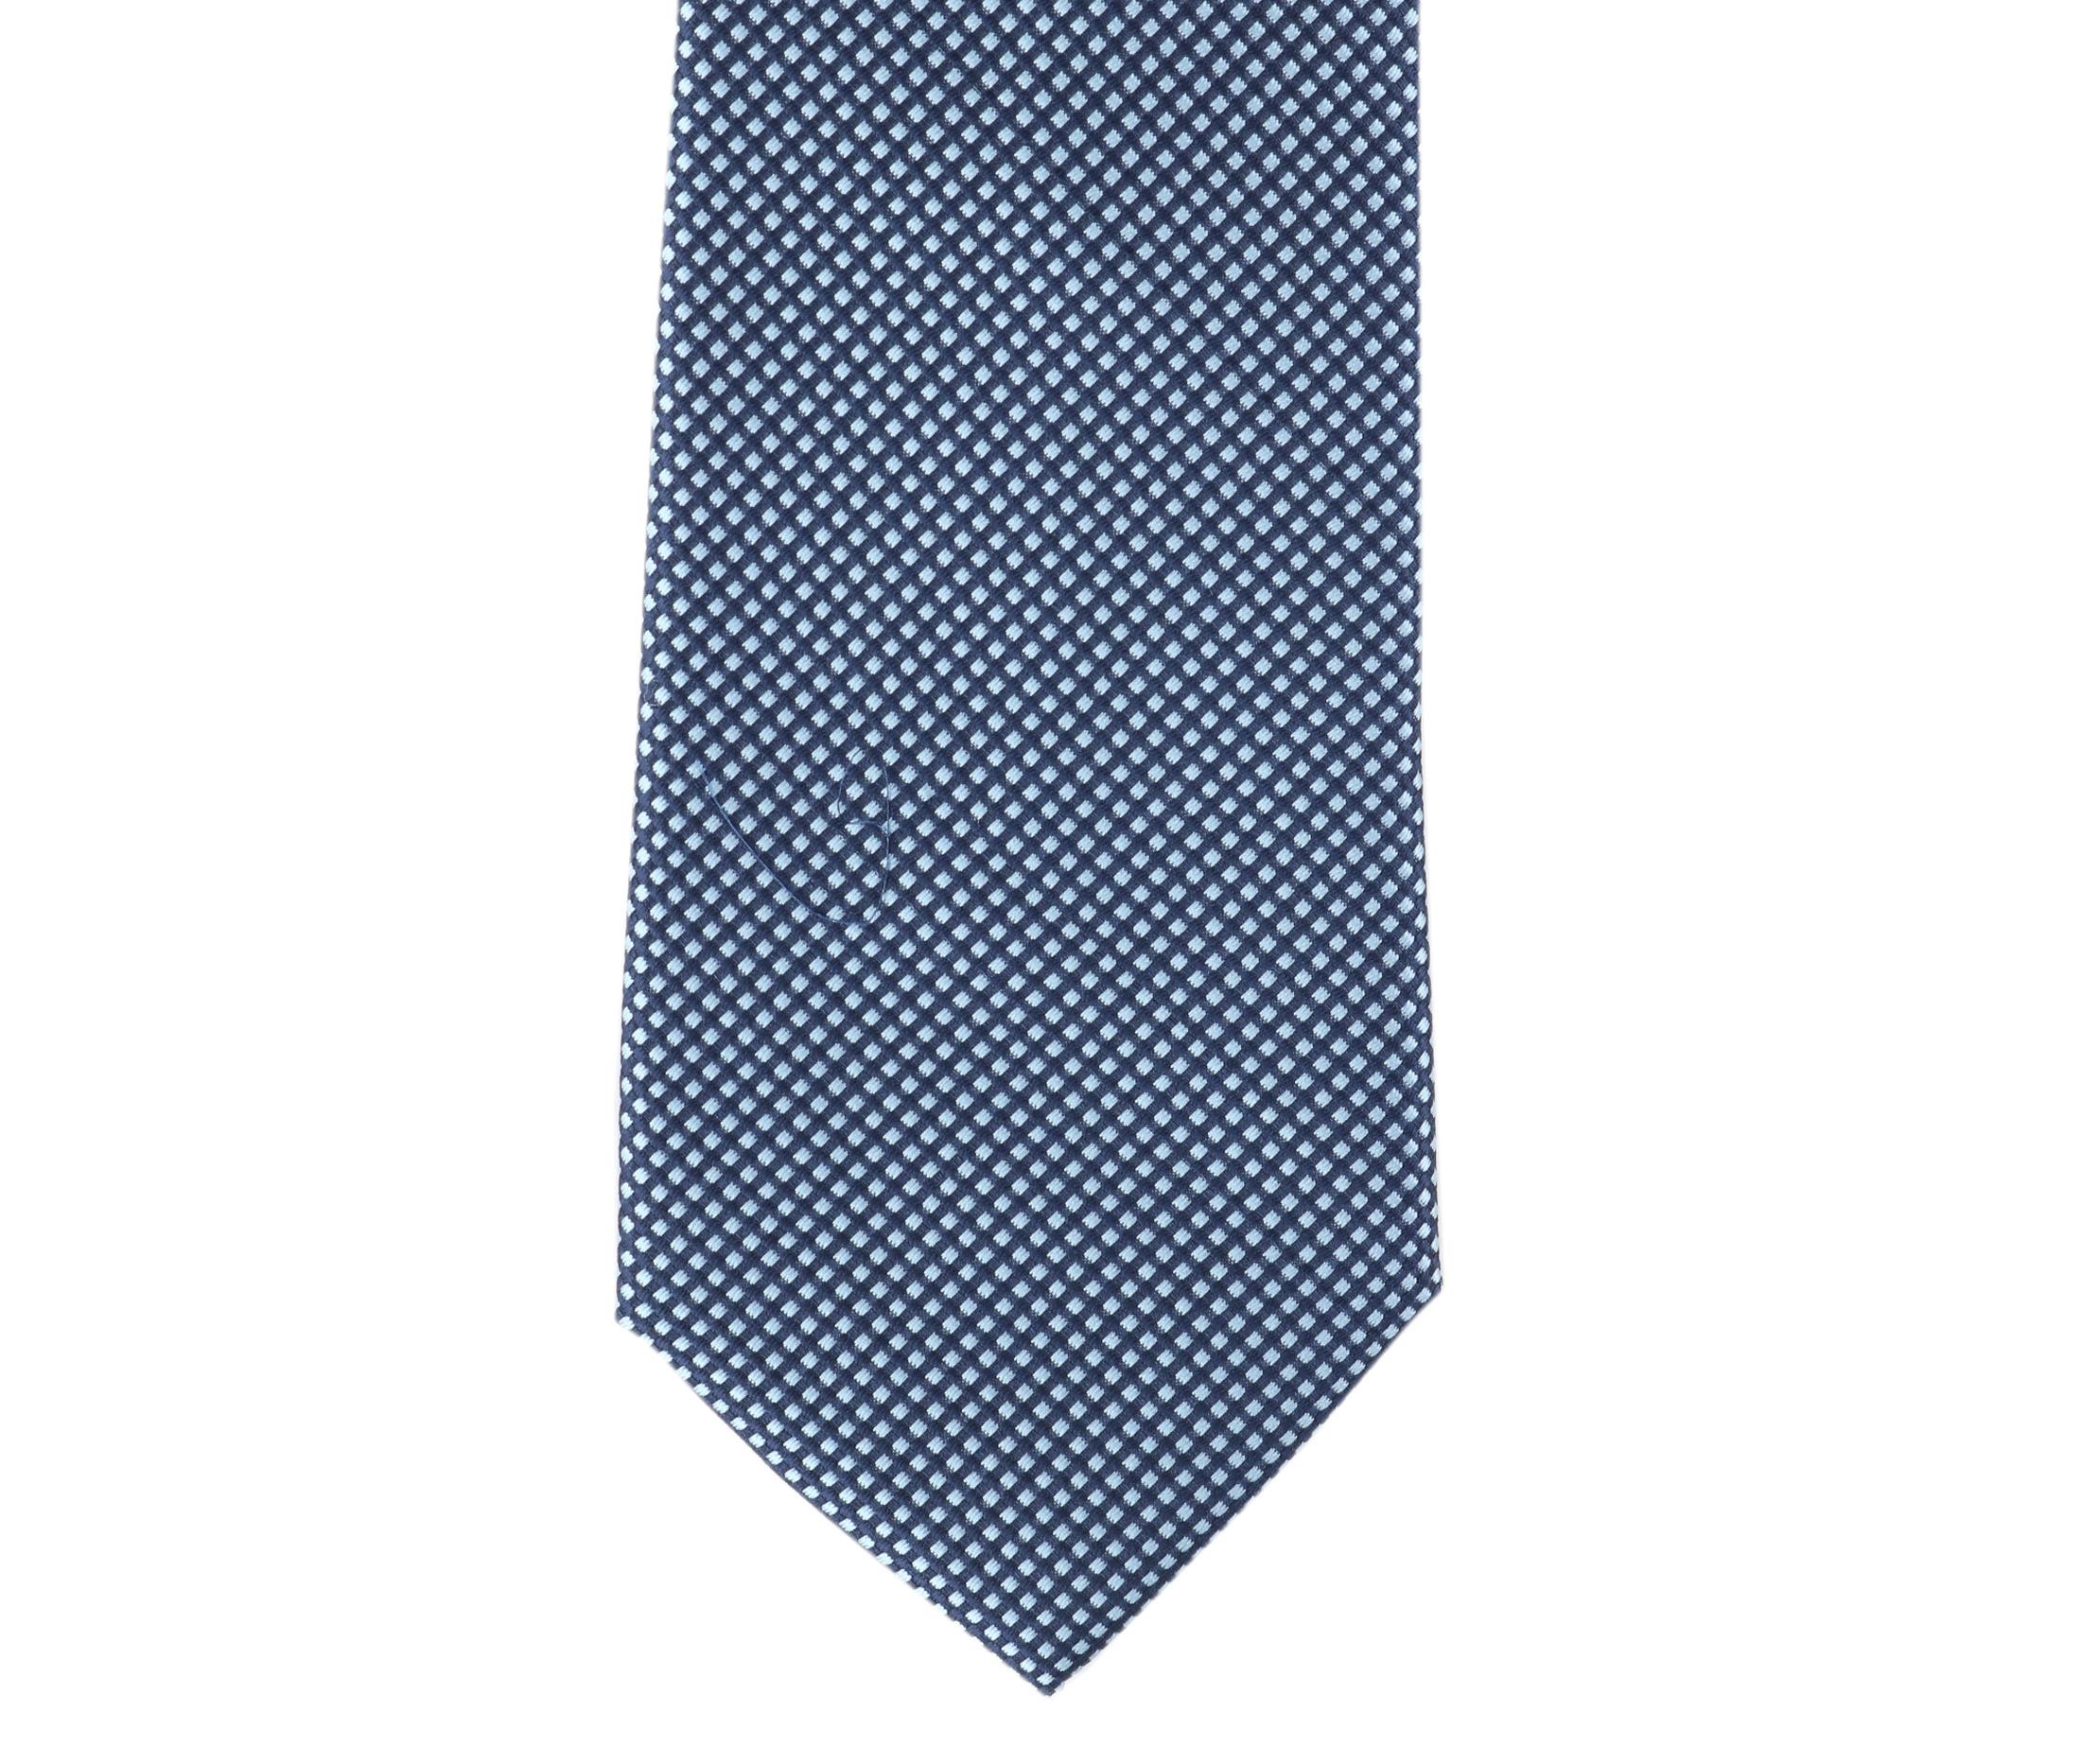 Krawatte Seide Karo Hellblau 9-17 foto 1